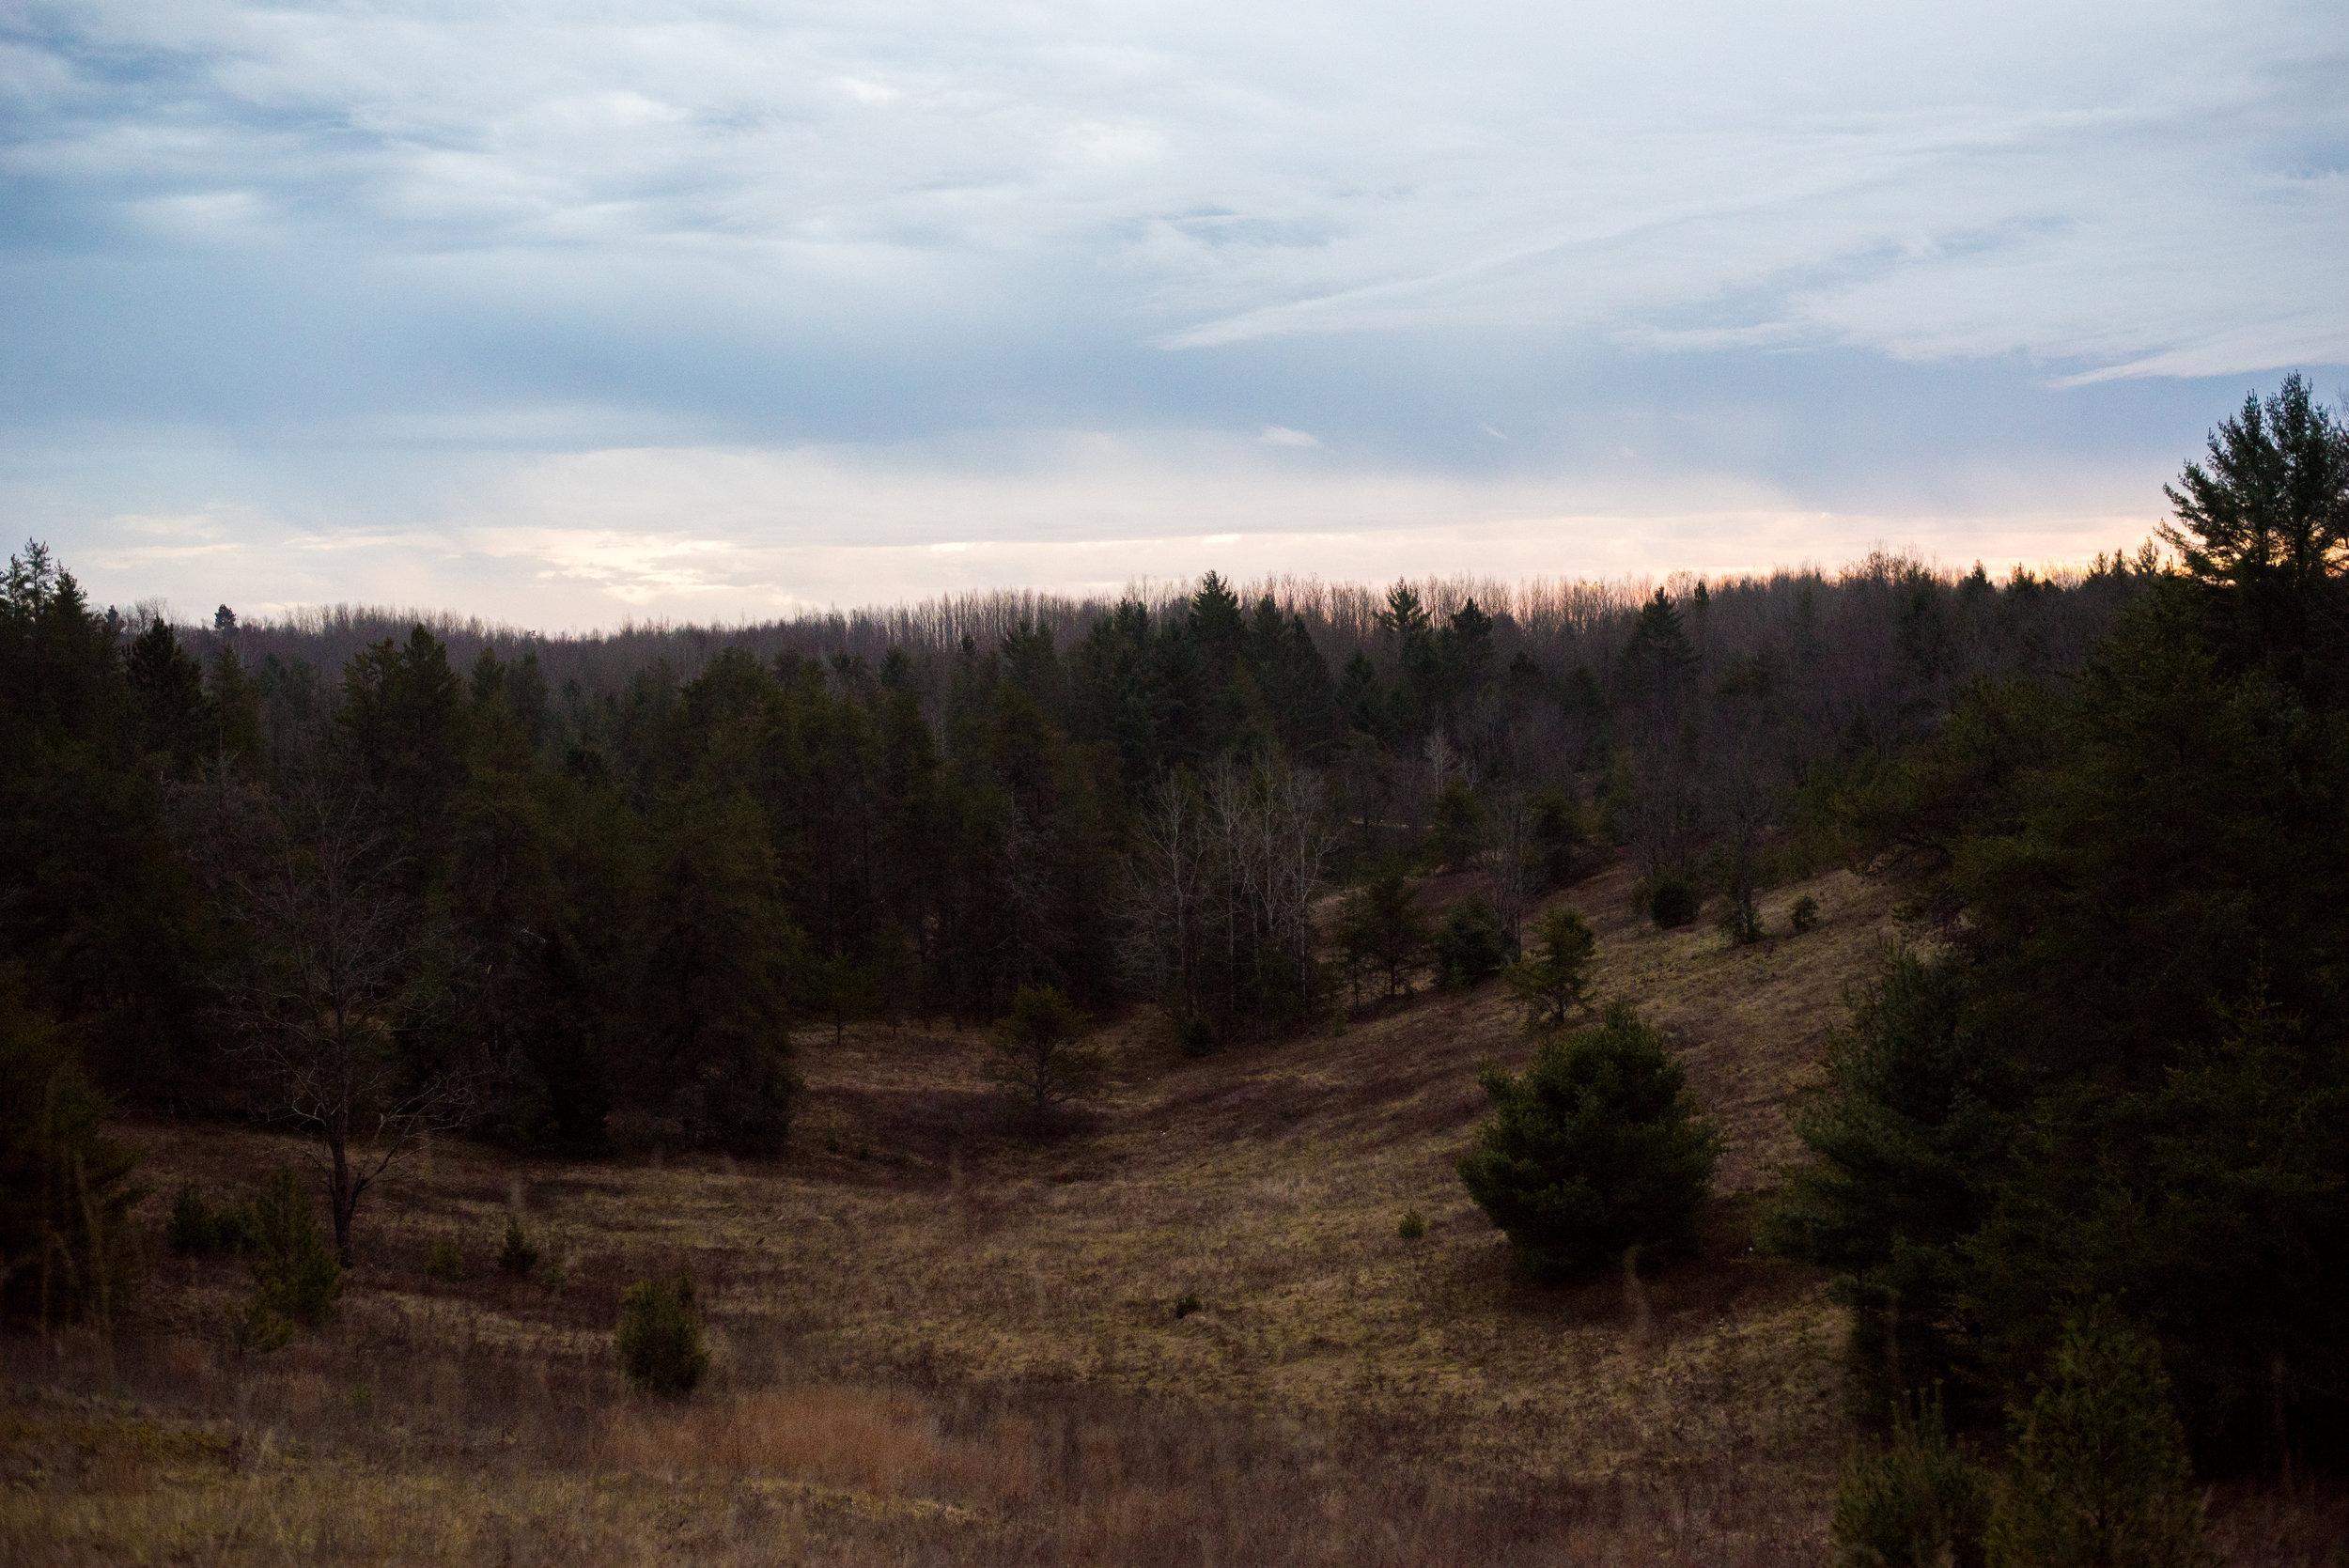 Upper Peninsula, MI